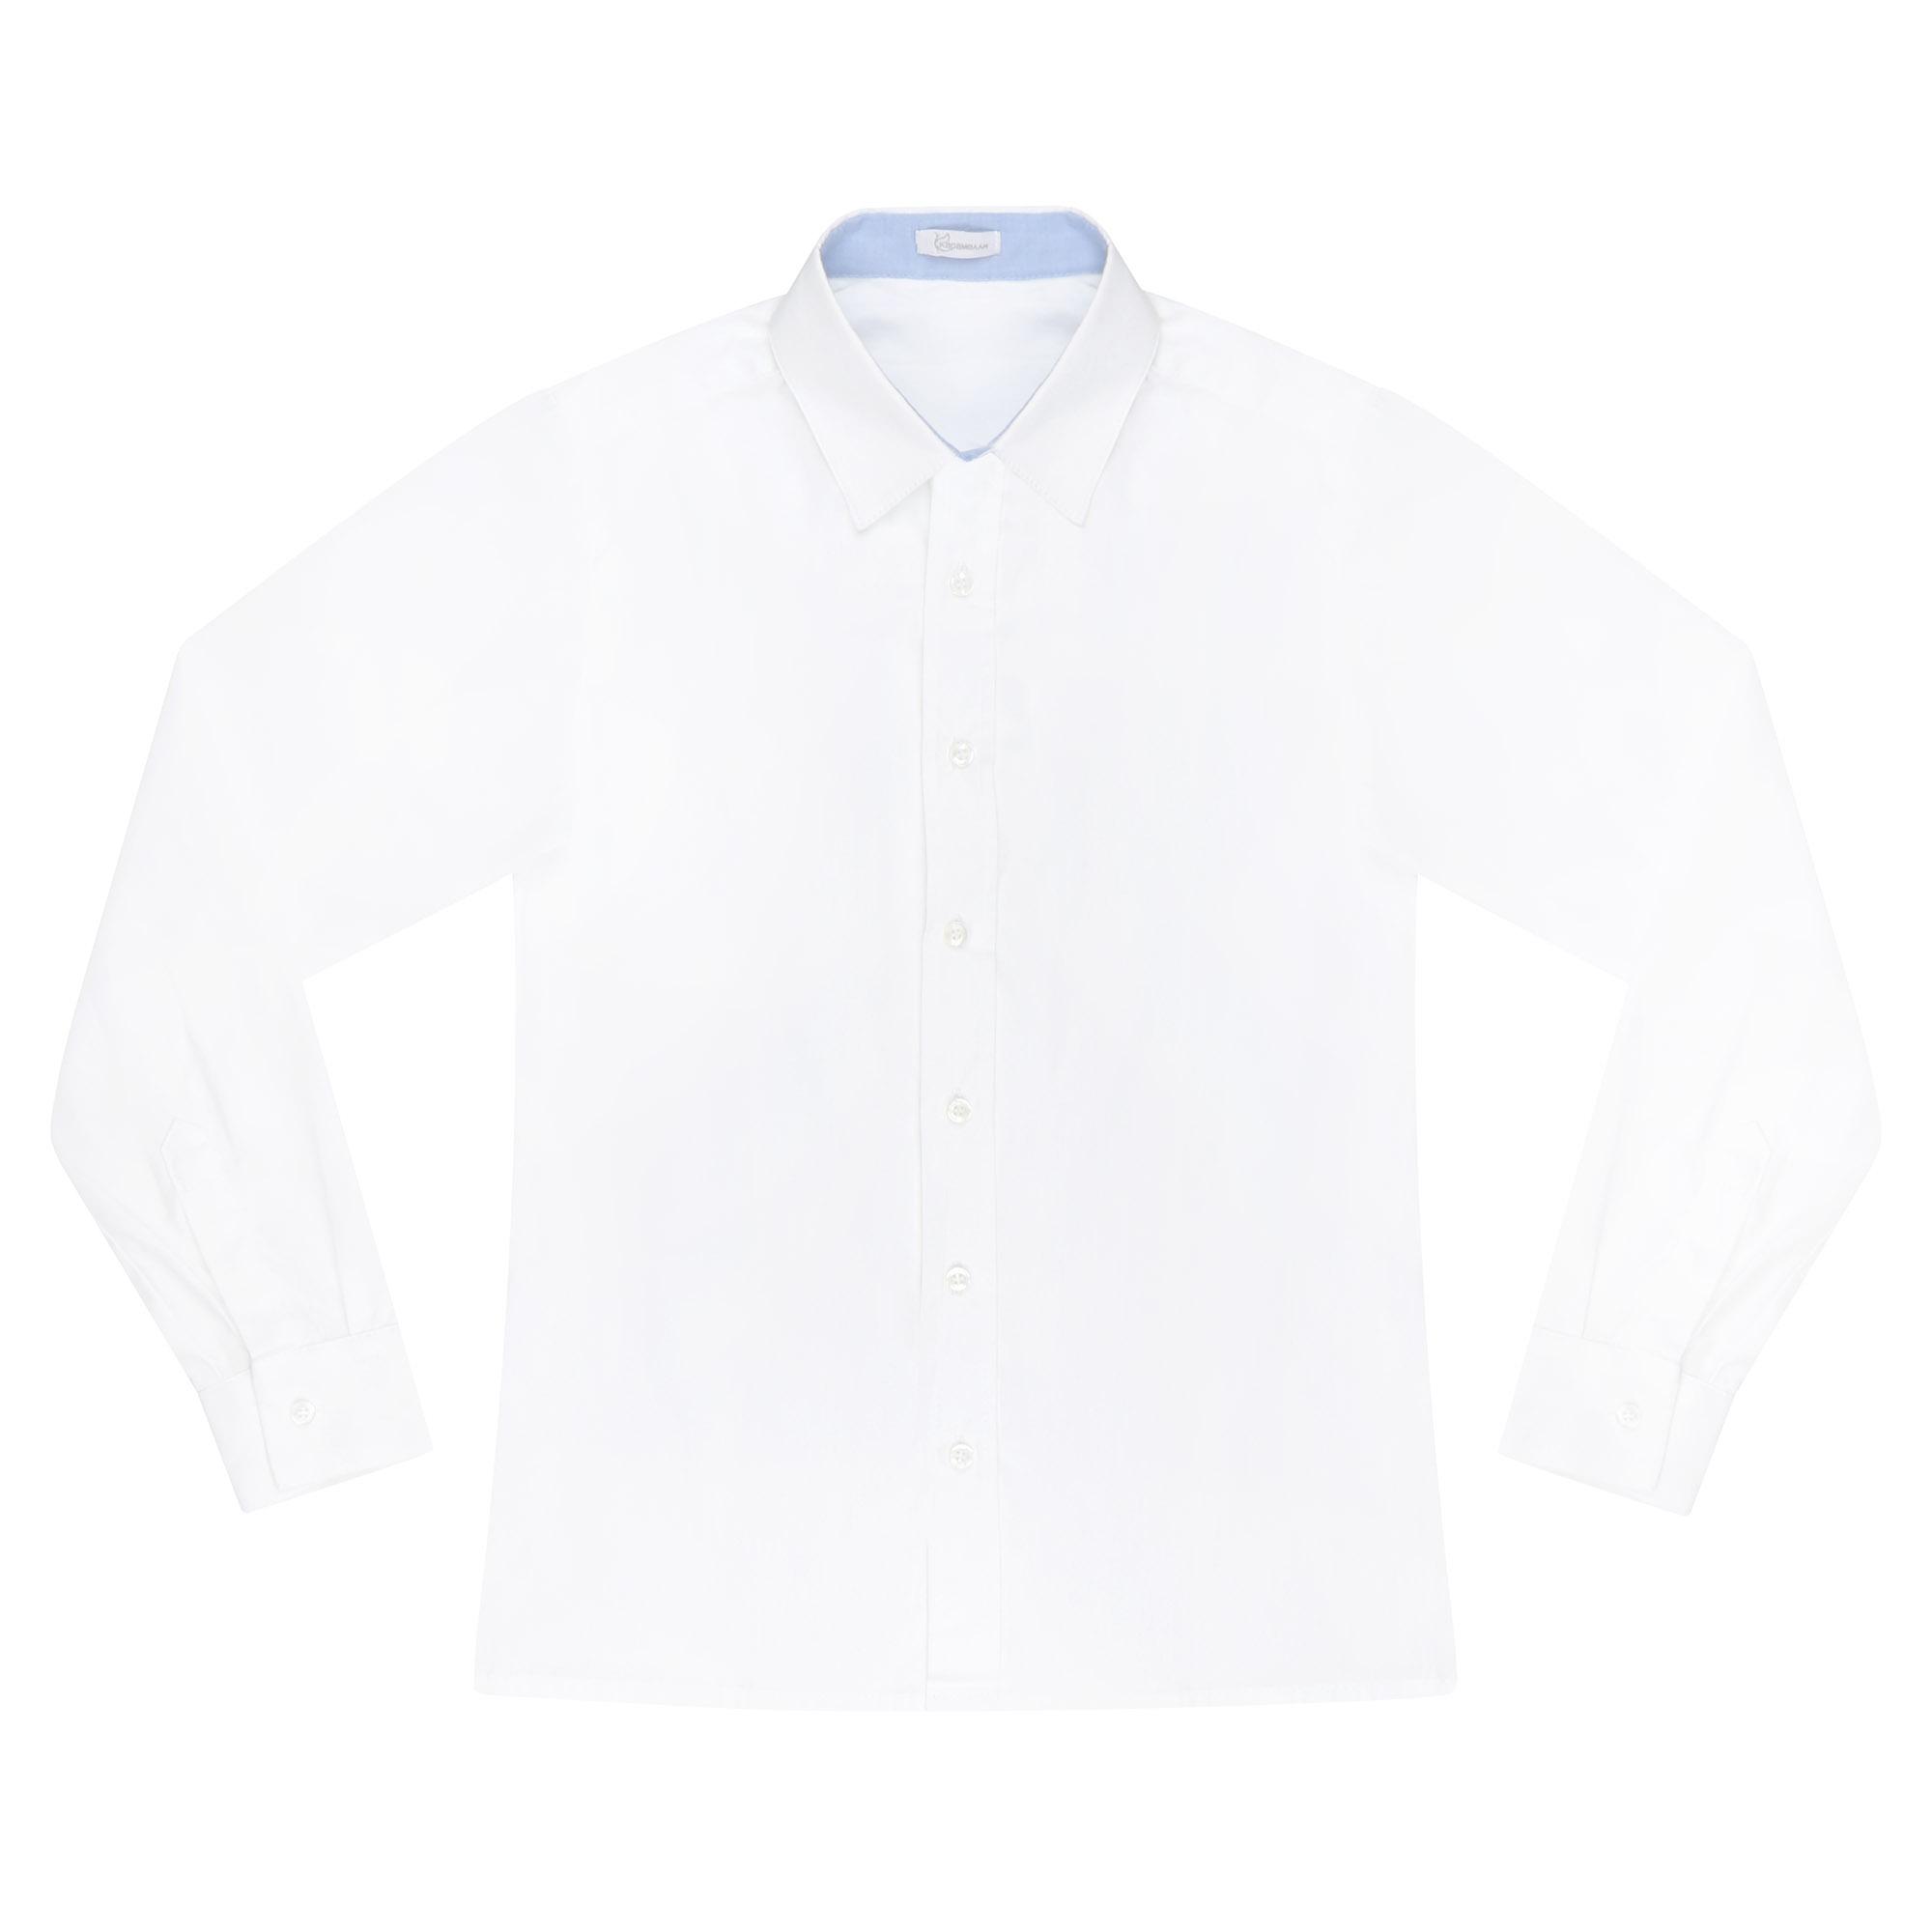 Купить Сорочка для мальчиков КАРАМЕЛЛИ О14311 белая 158, Белый, Для мальчиков, Всесезонный,